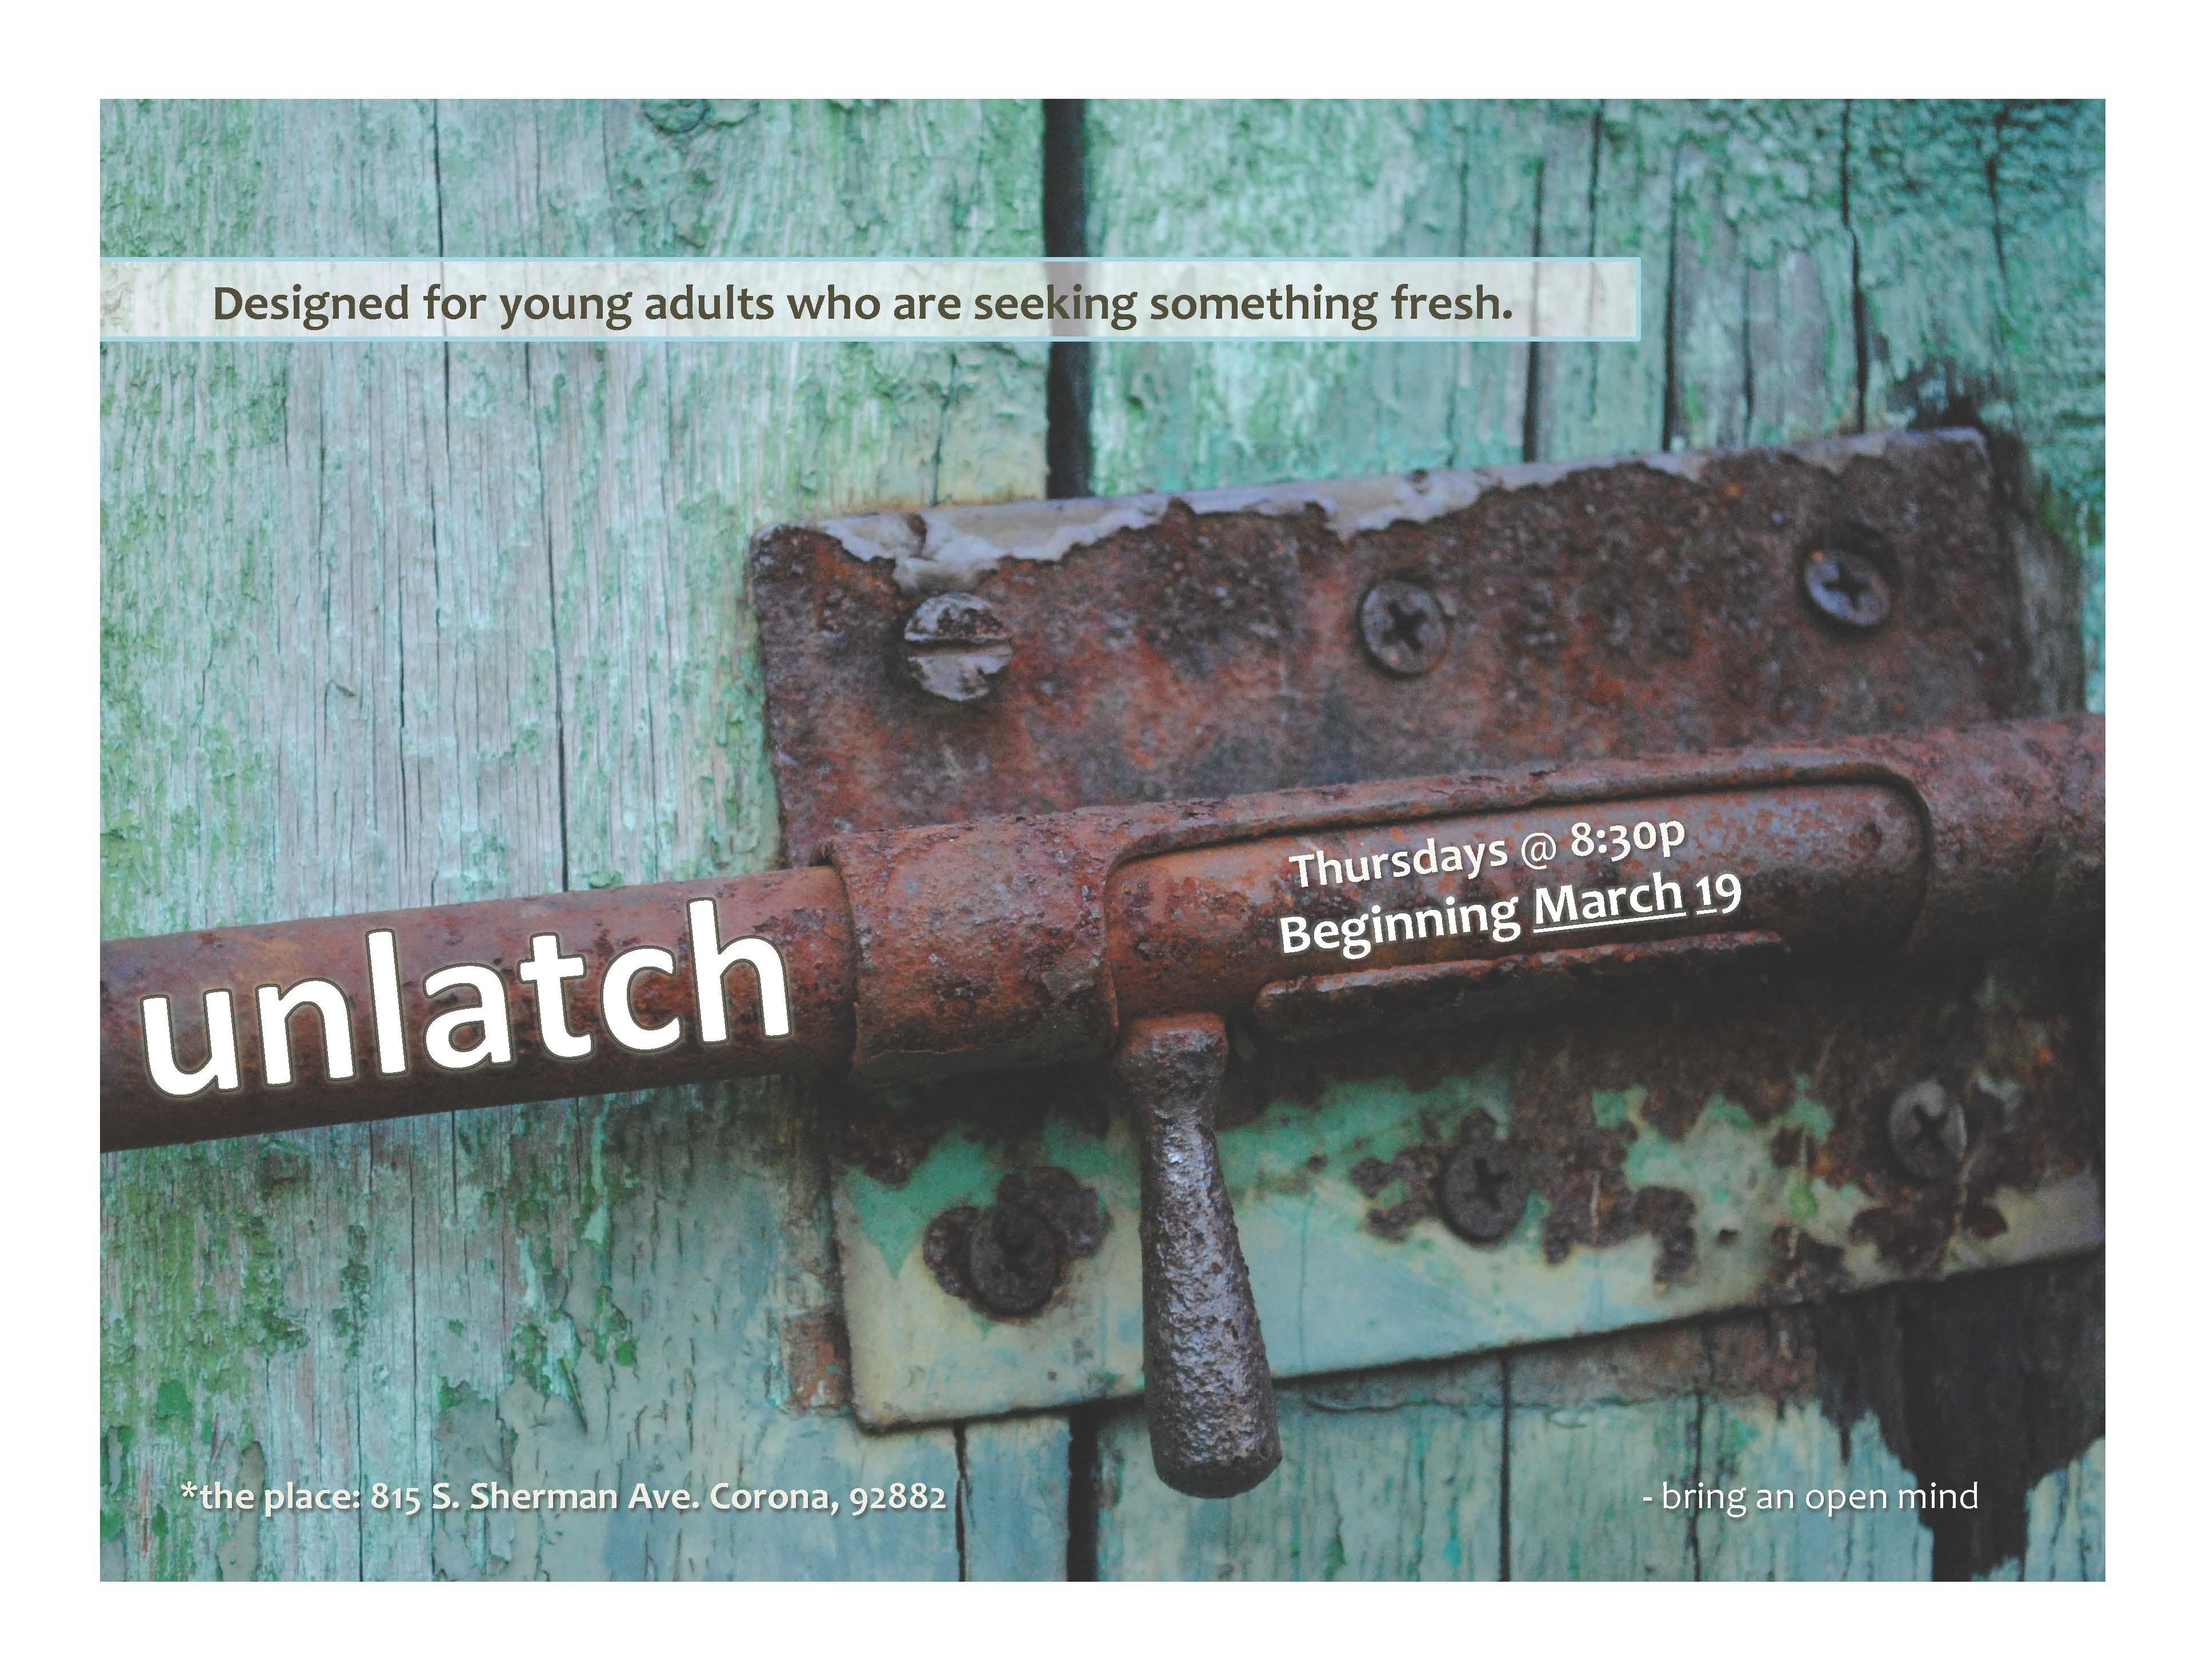 Unlatch